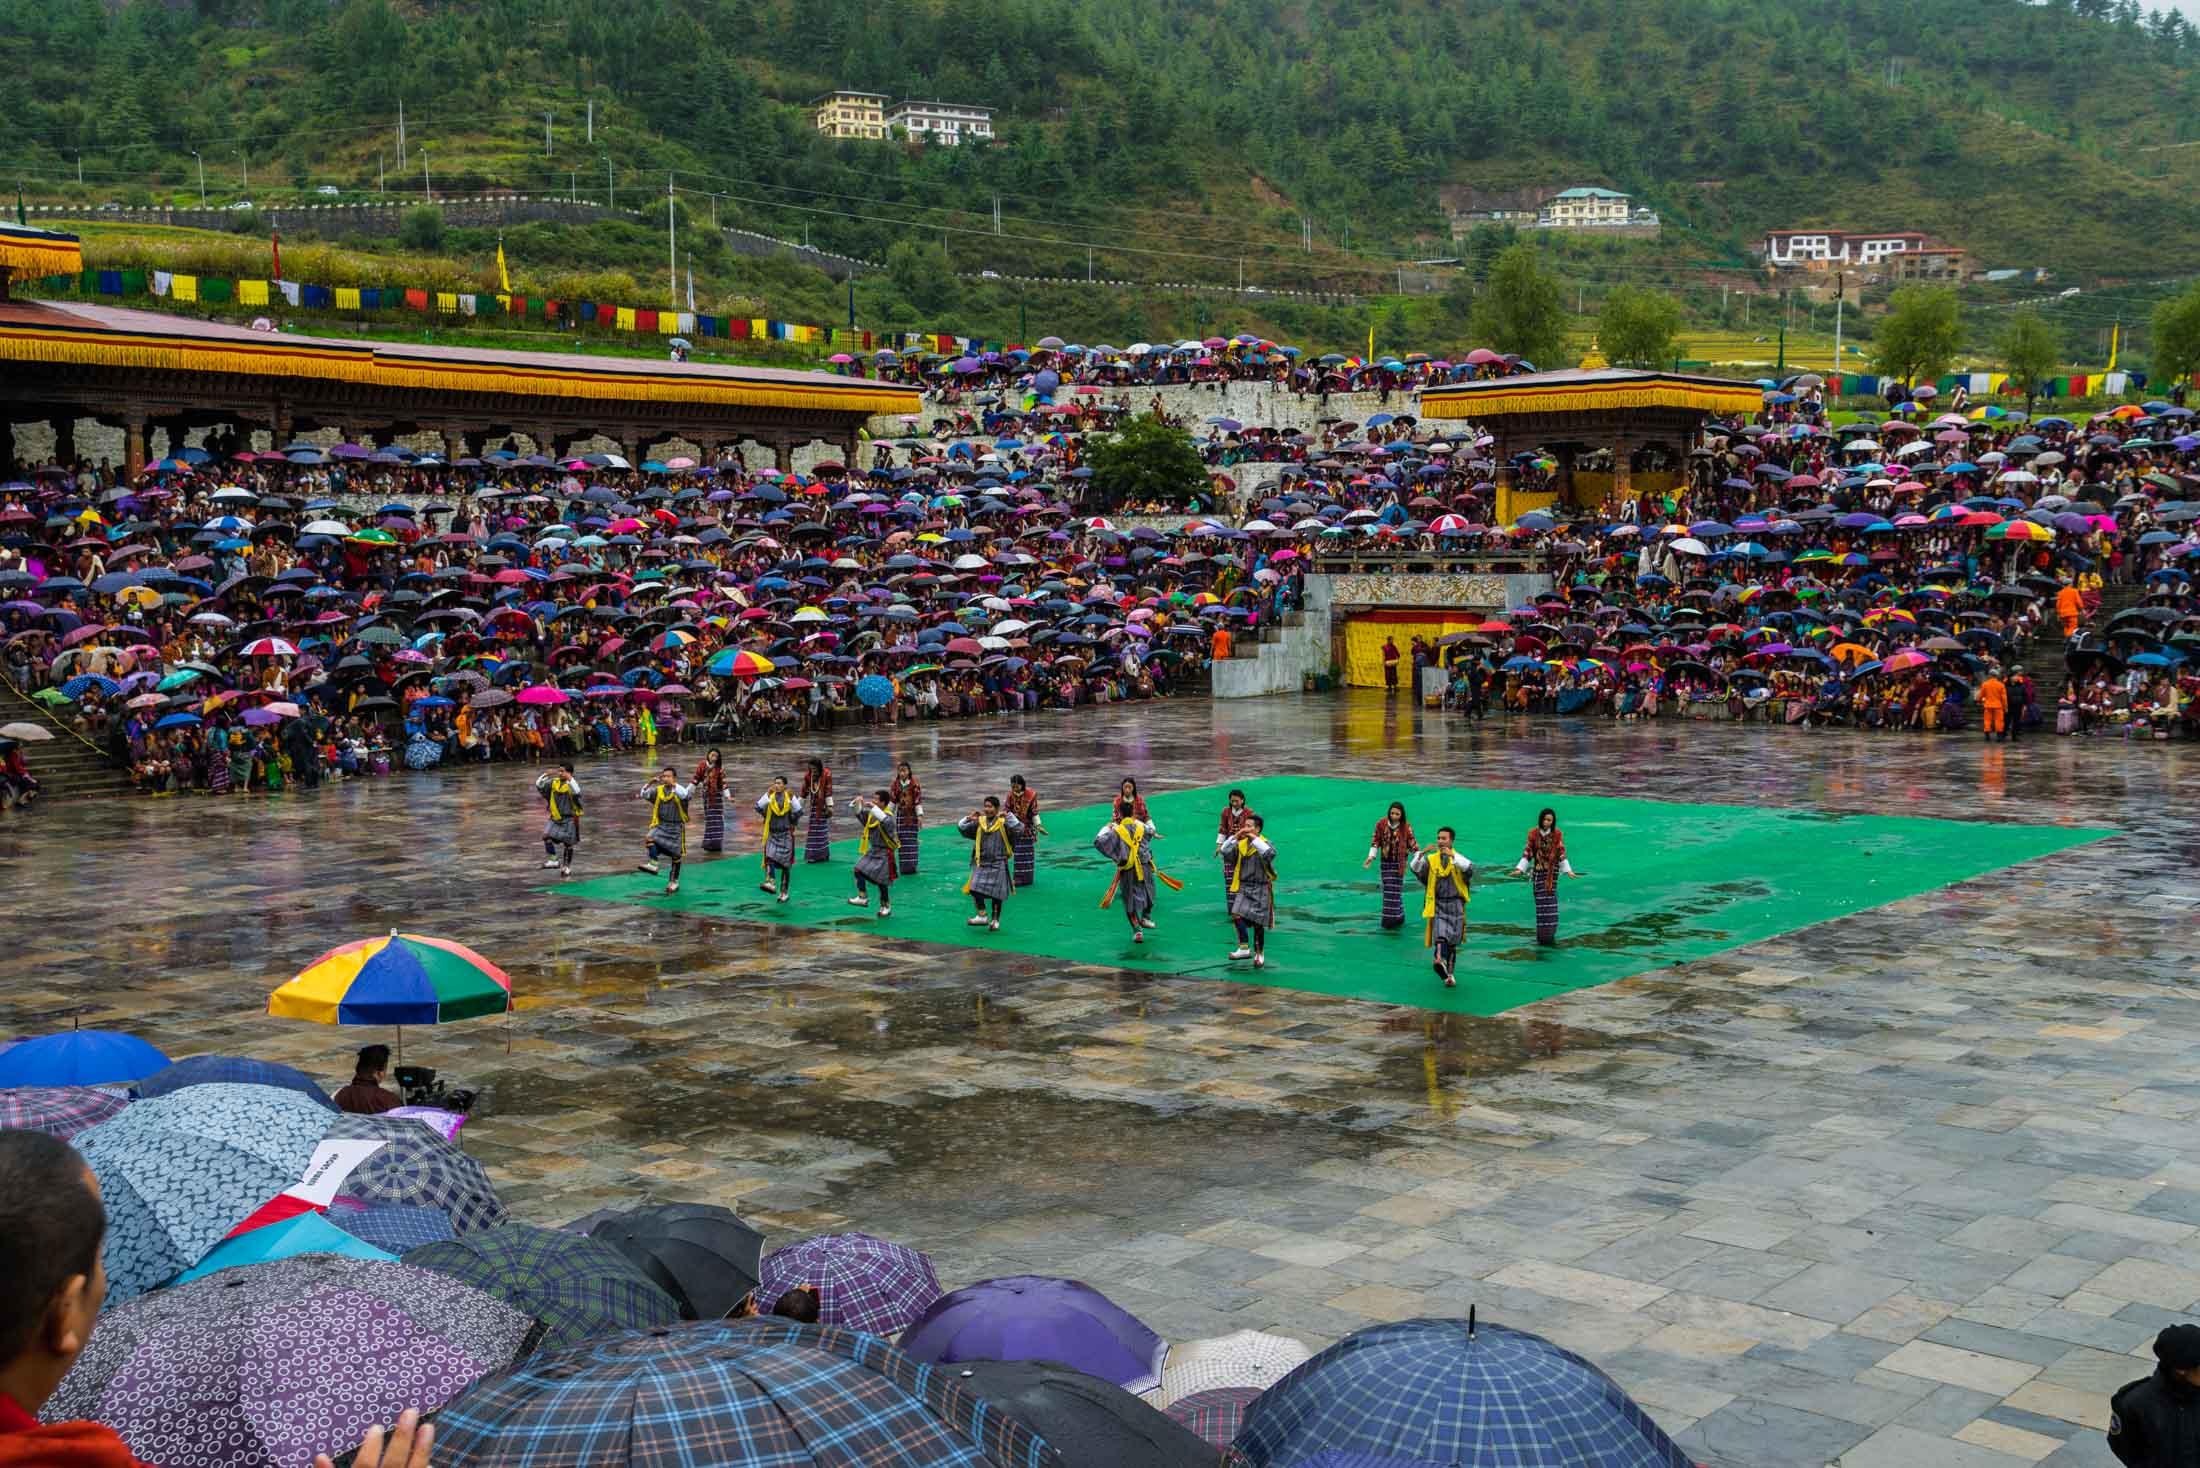 Thimphu Tshechu festival bhutan pescart enrico pescantini 2